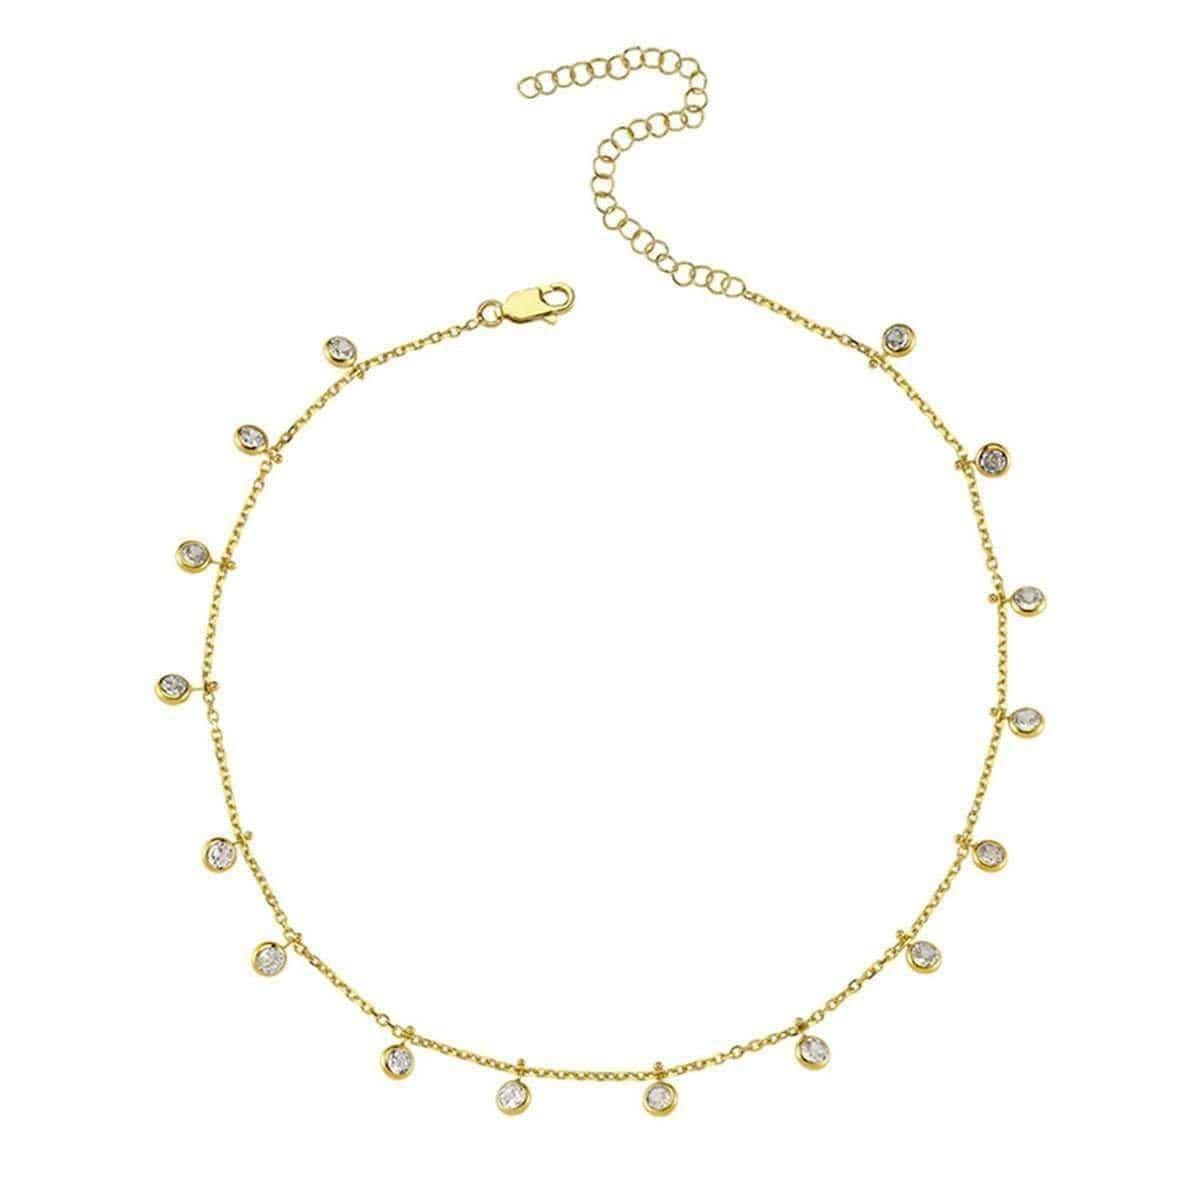 Carina Dangling Choker - Amorium